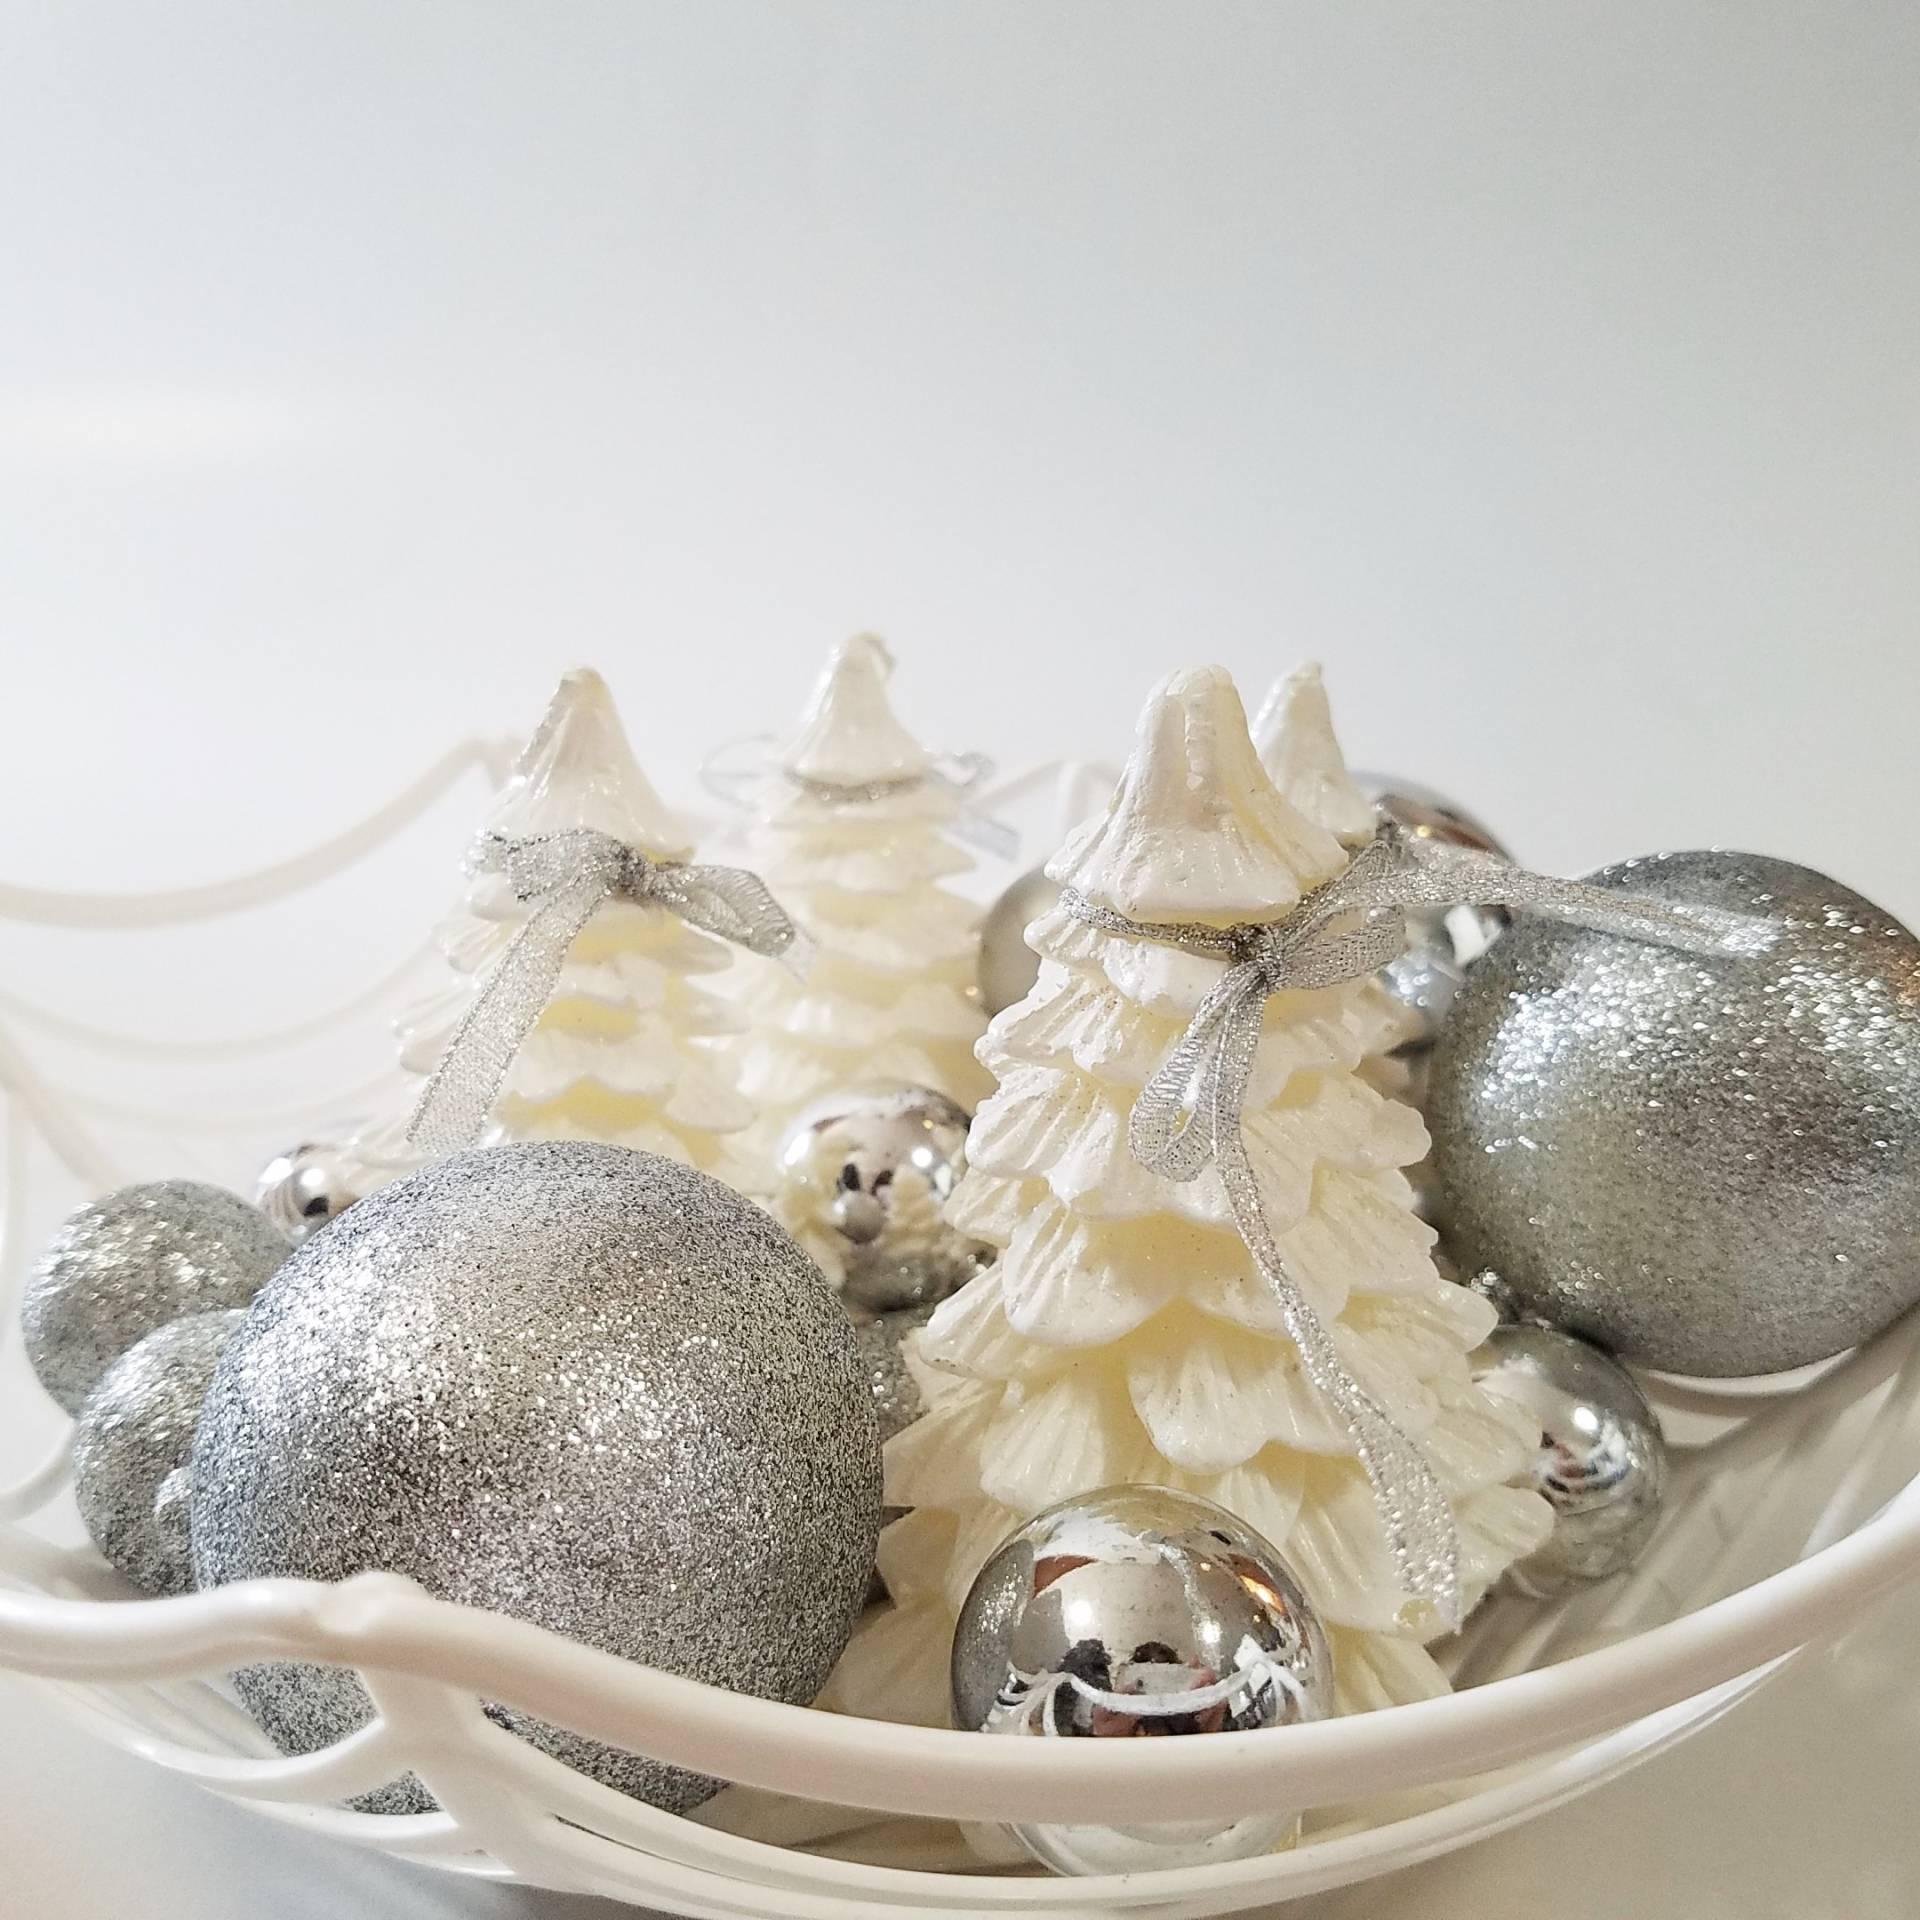 把聖誕蠟燭放在桌上當裝飾